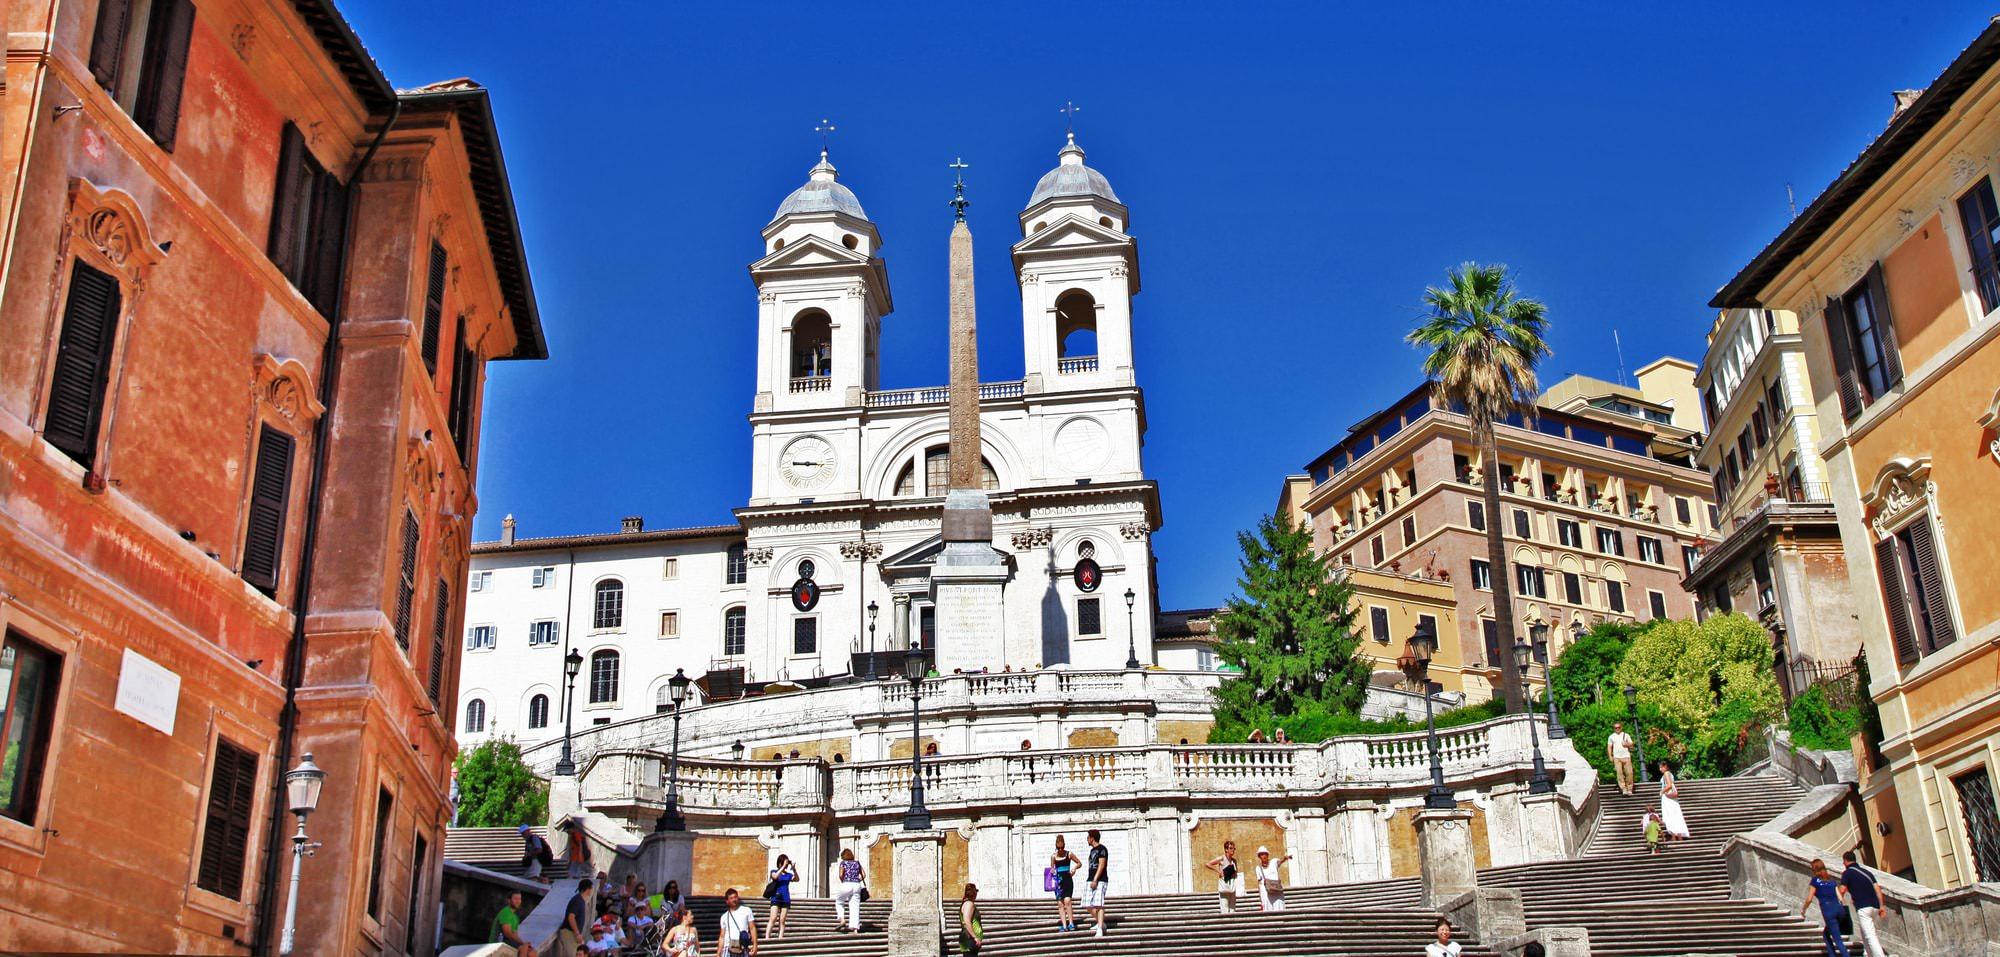 Chiesa della Santissima Trinità dei Monti